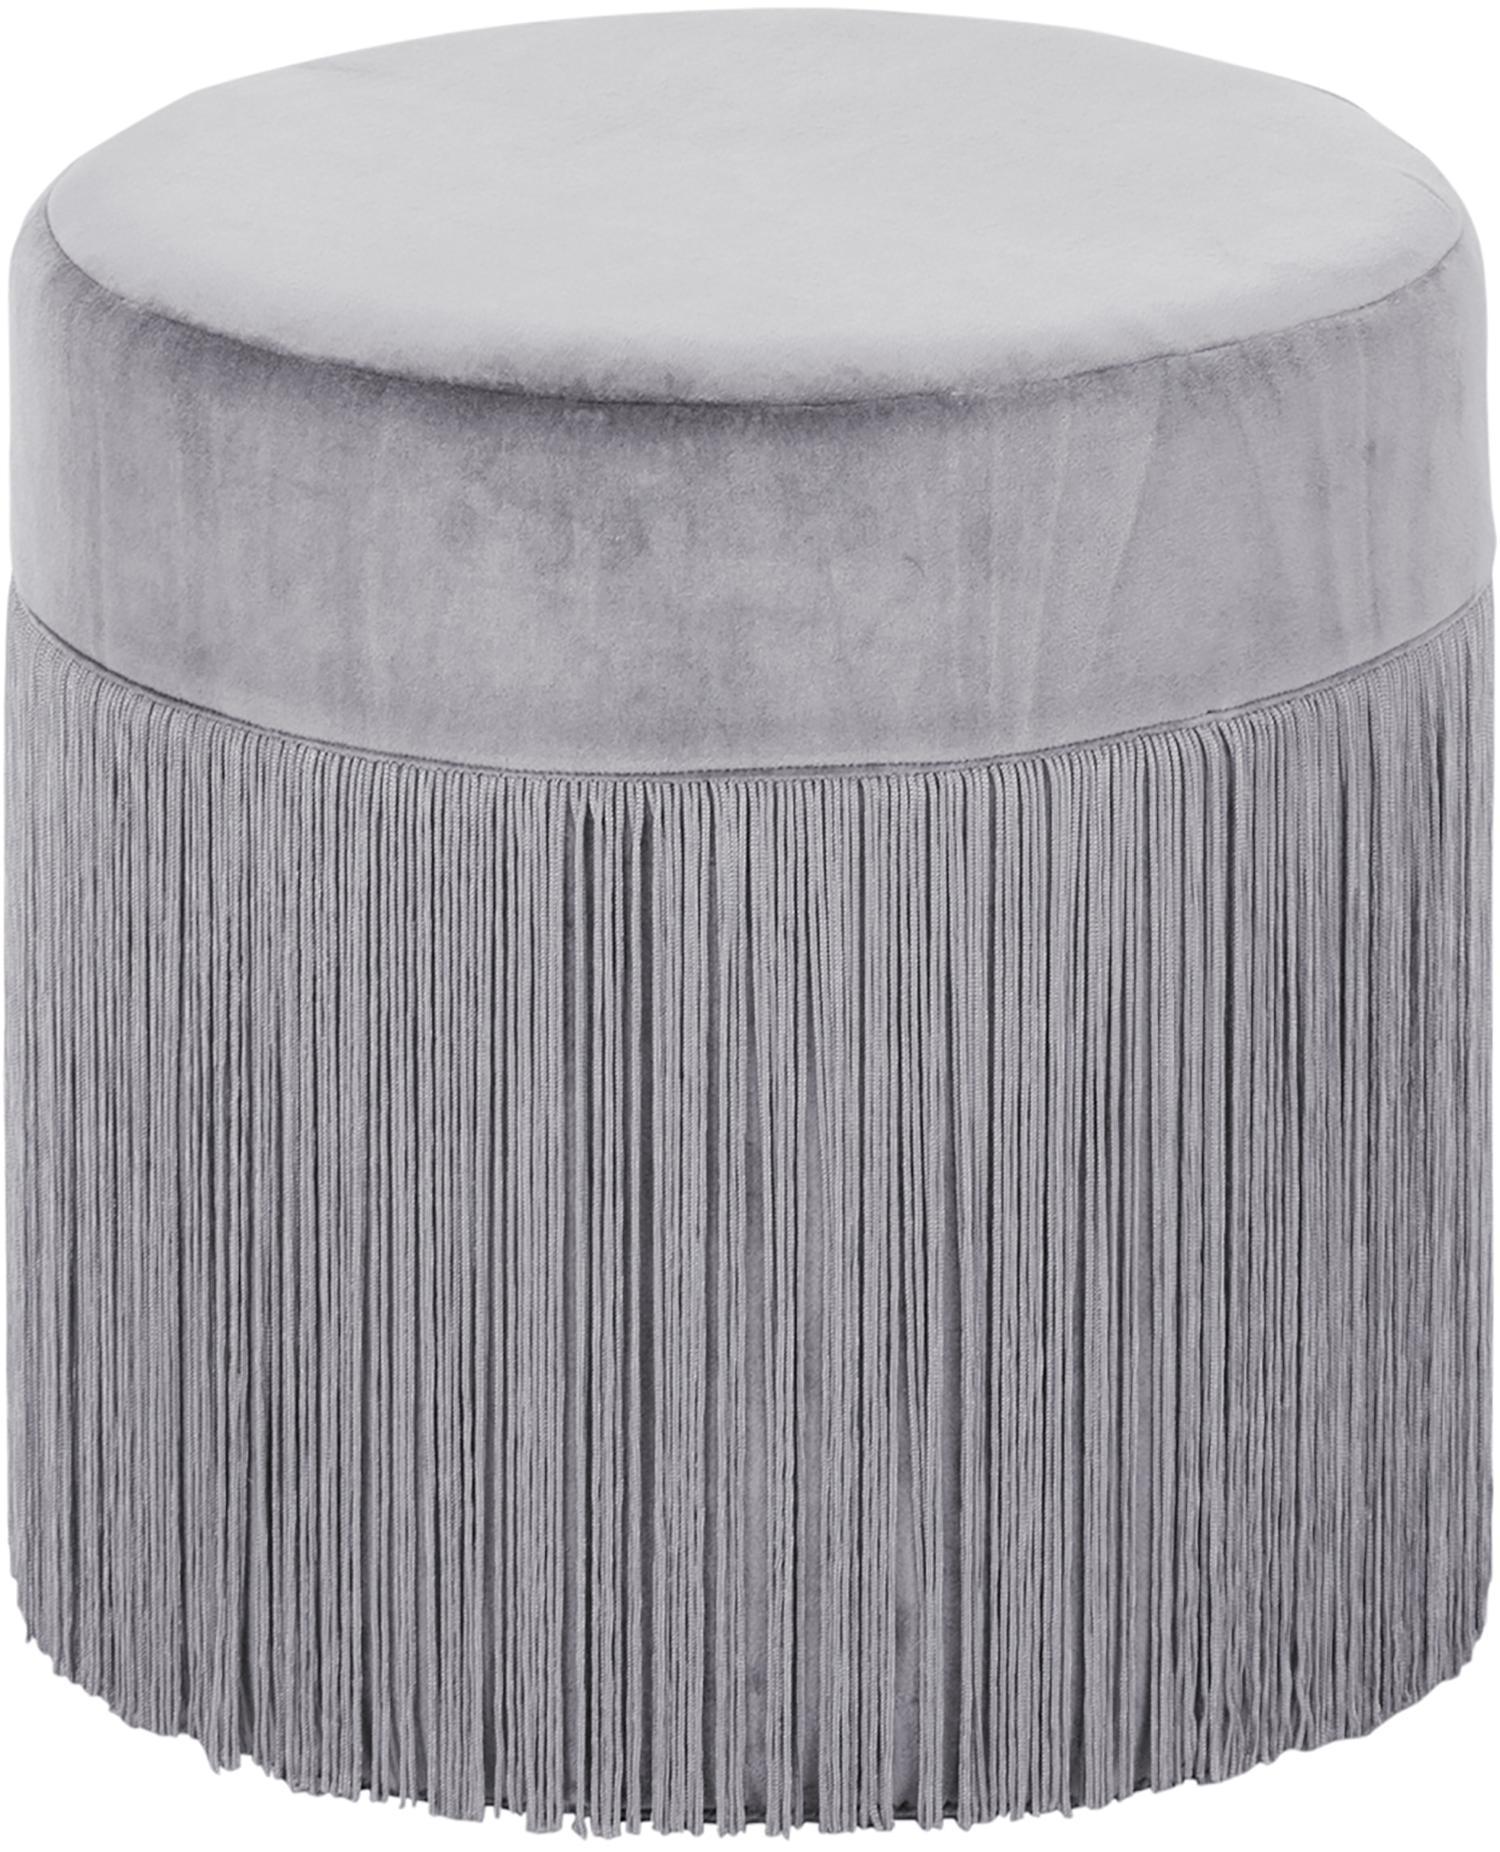 Pouf con frange Adriana, Rivestimento: velluto, Frange: viscosa, Grigio chiaro, Ø 40 x A 40 cm